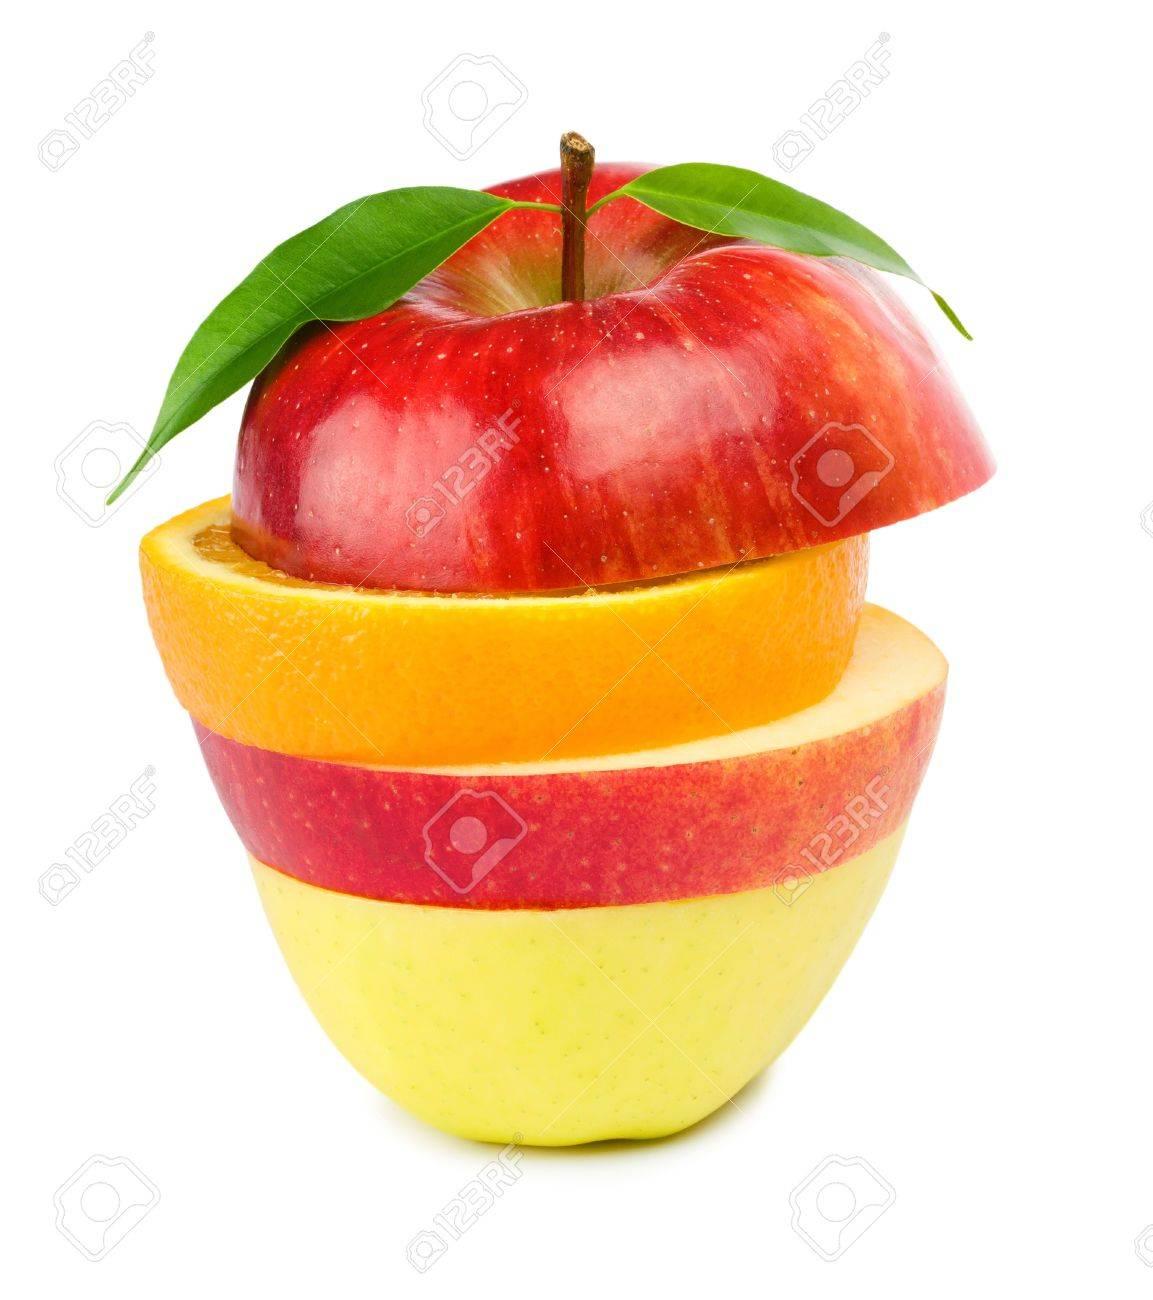 Fruit Mix. Isolated on white background. - 9039007